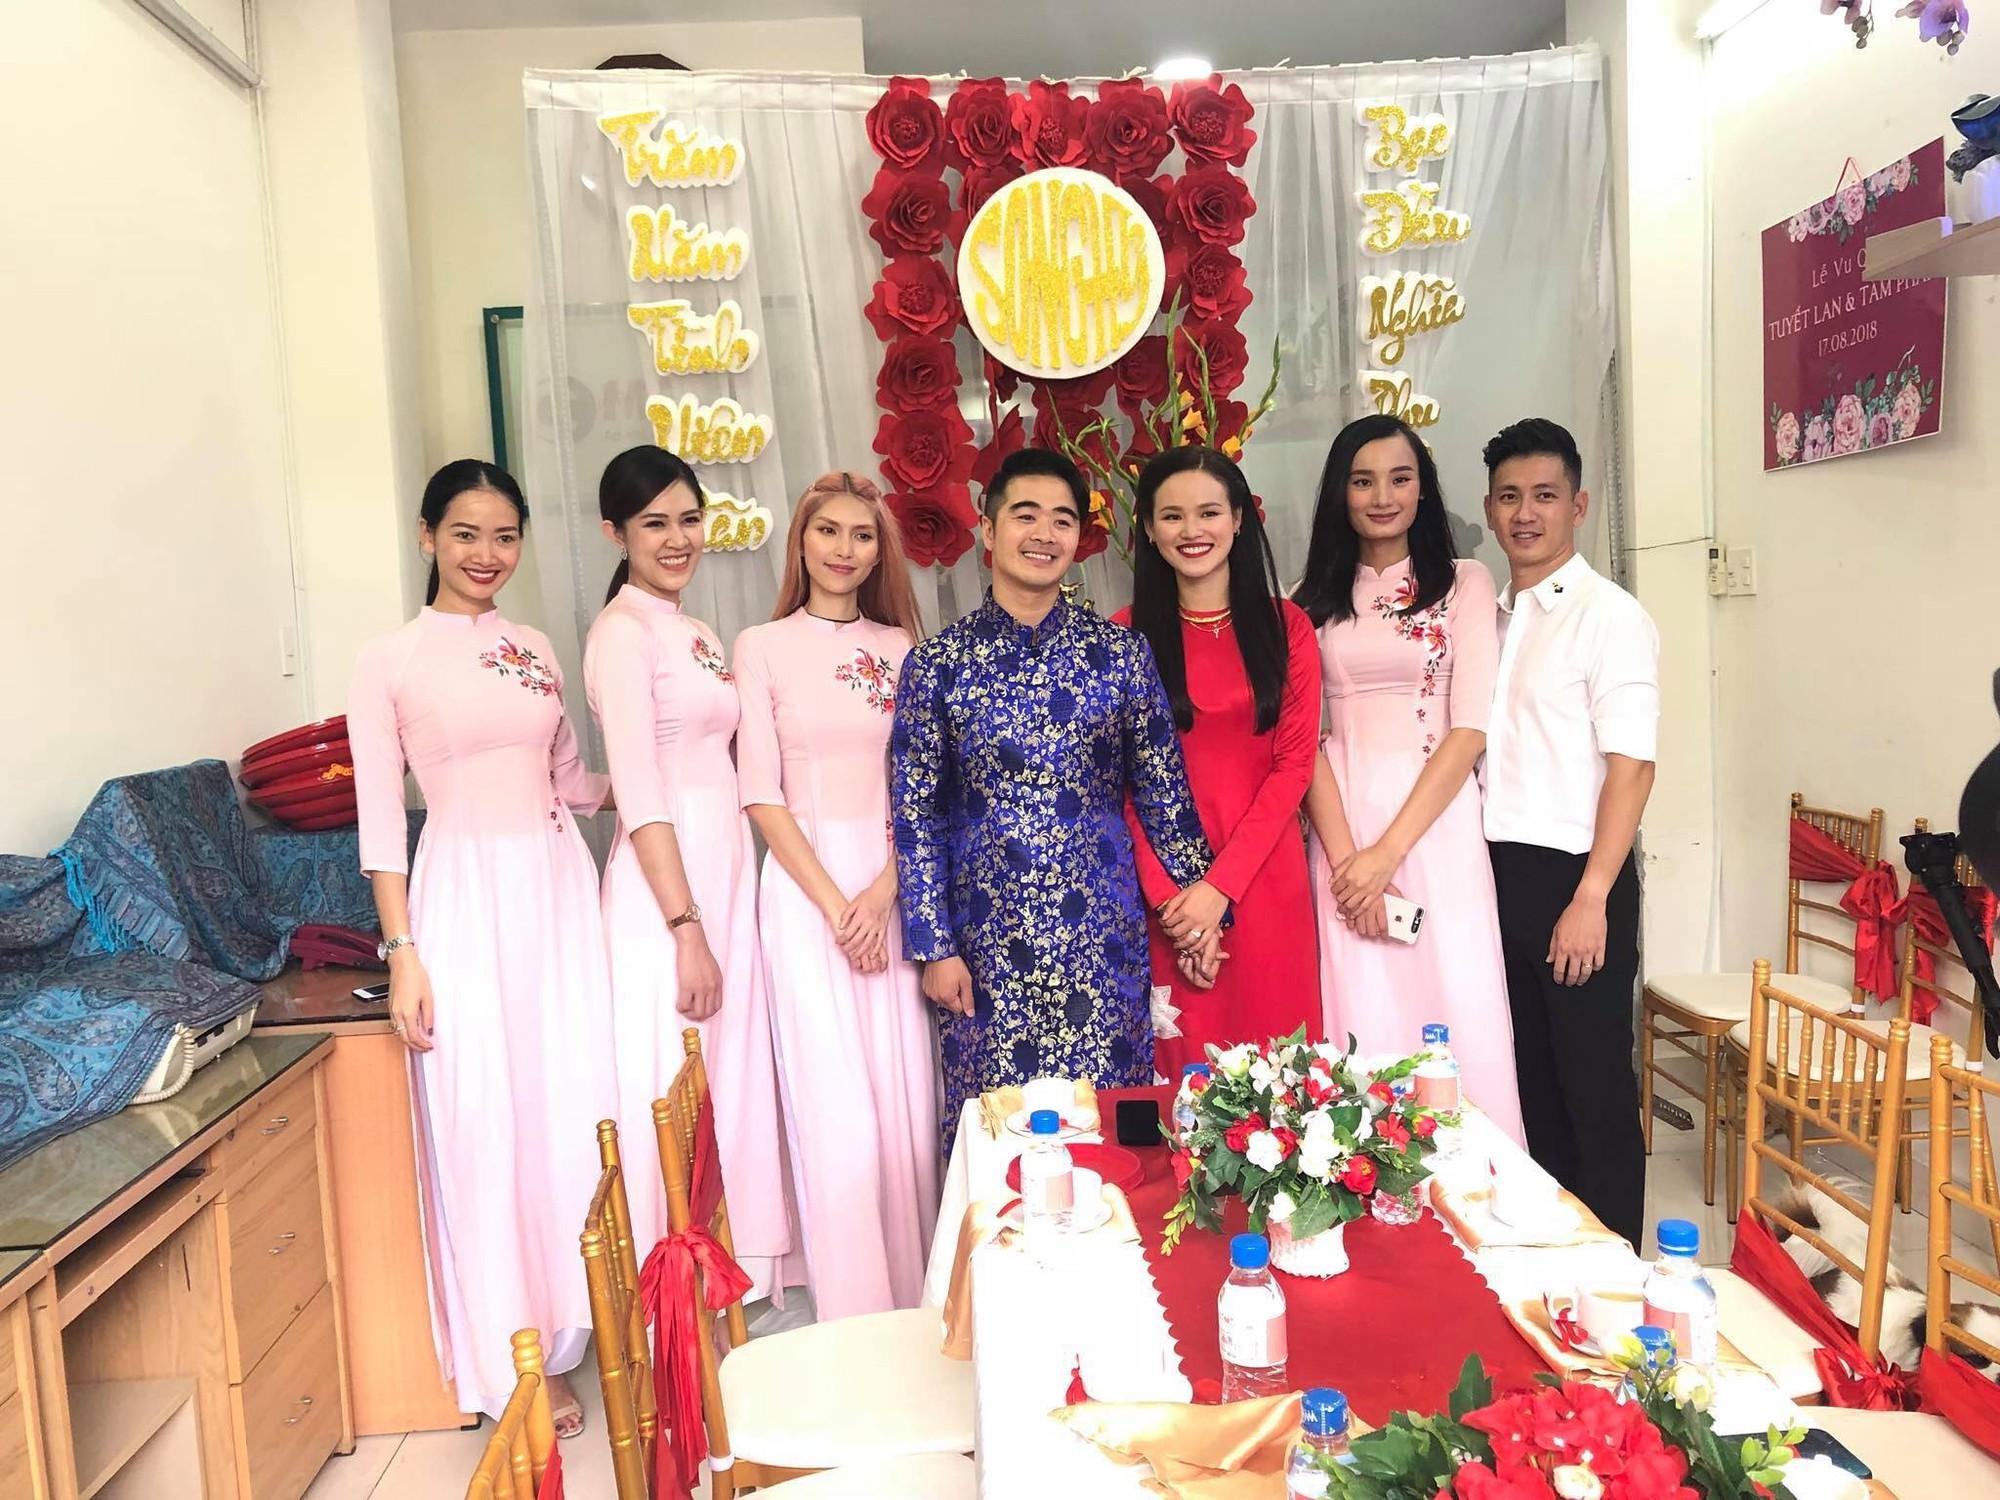 Vợ chồng Lê Thuý và dàn mẫu Next Top xuất hiện trong lễ đám hỏi của Tuyết Lan sáng nay - Ảnh 1.